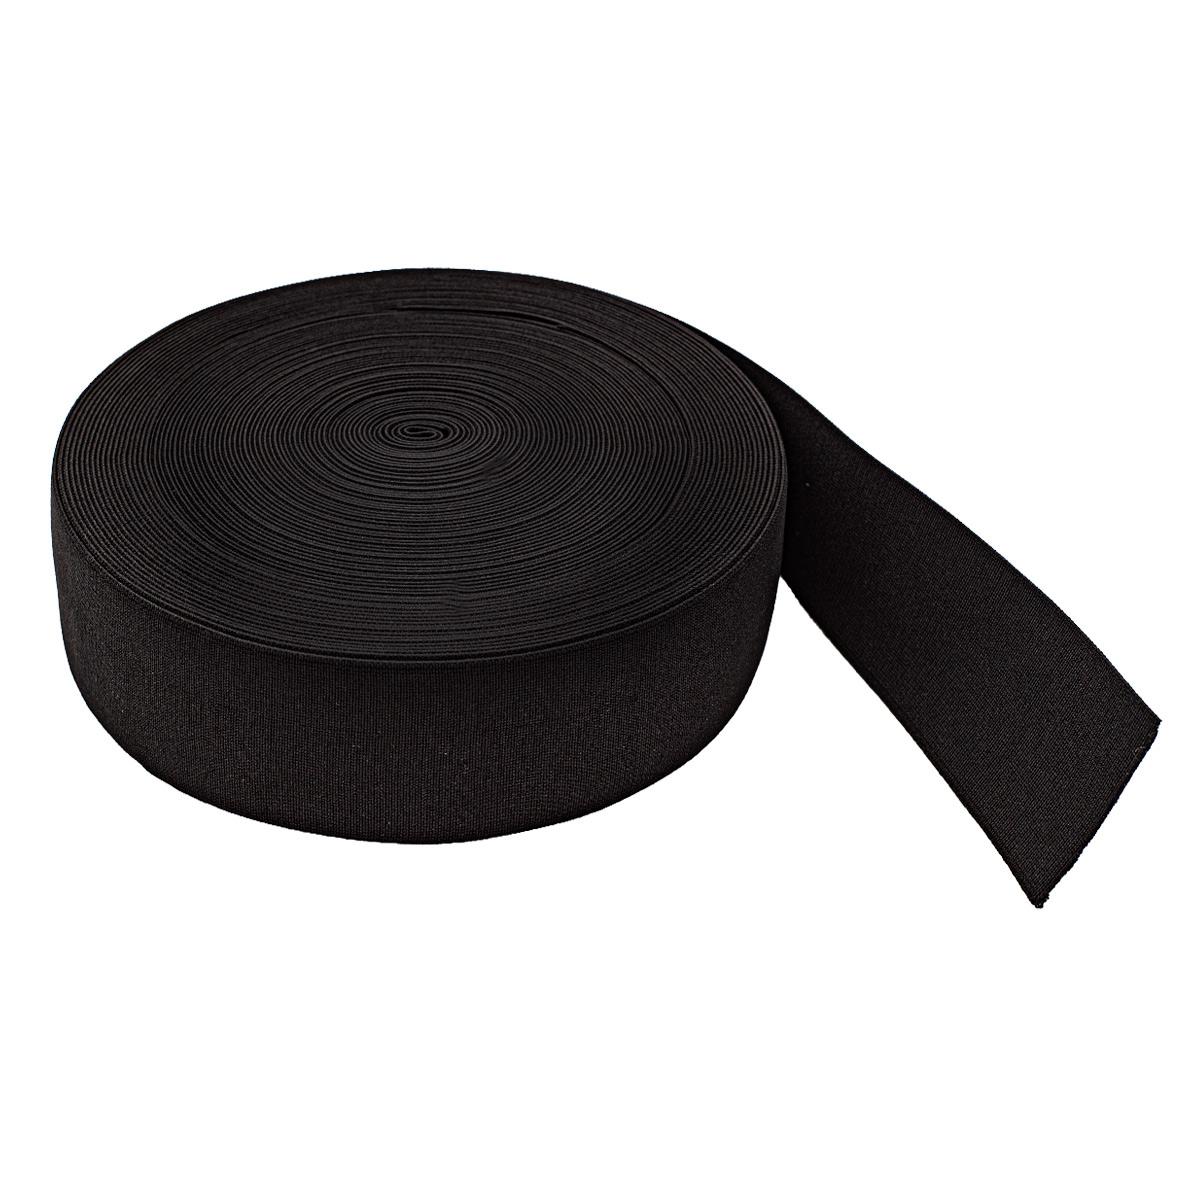 5060Ч Резинка башмачная 60мм*25м, черная